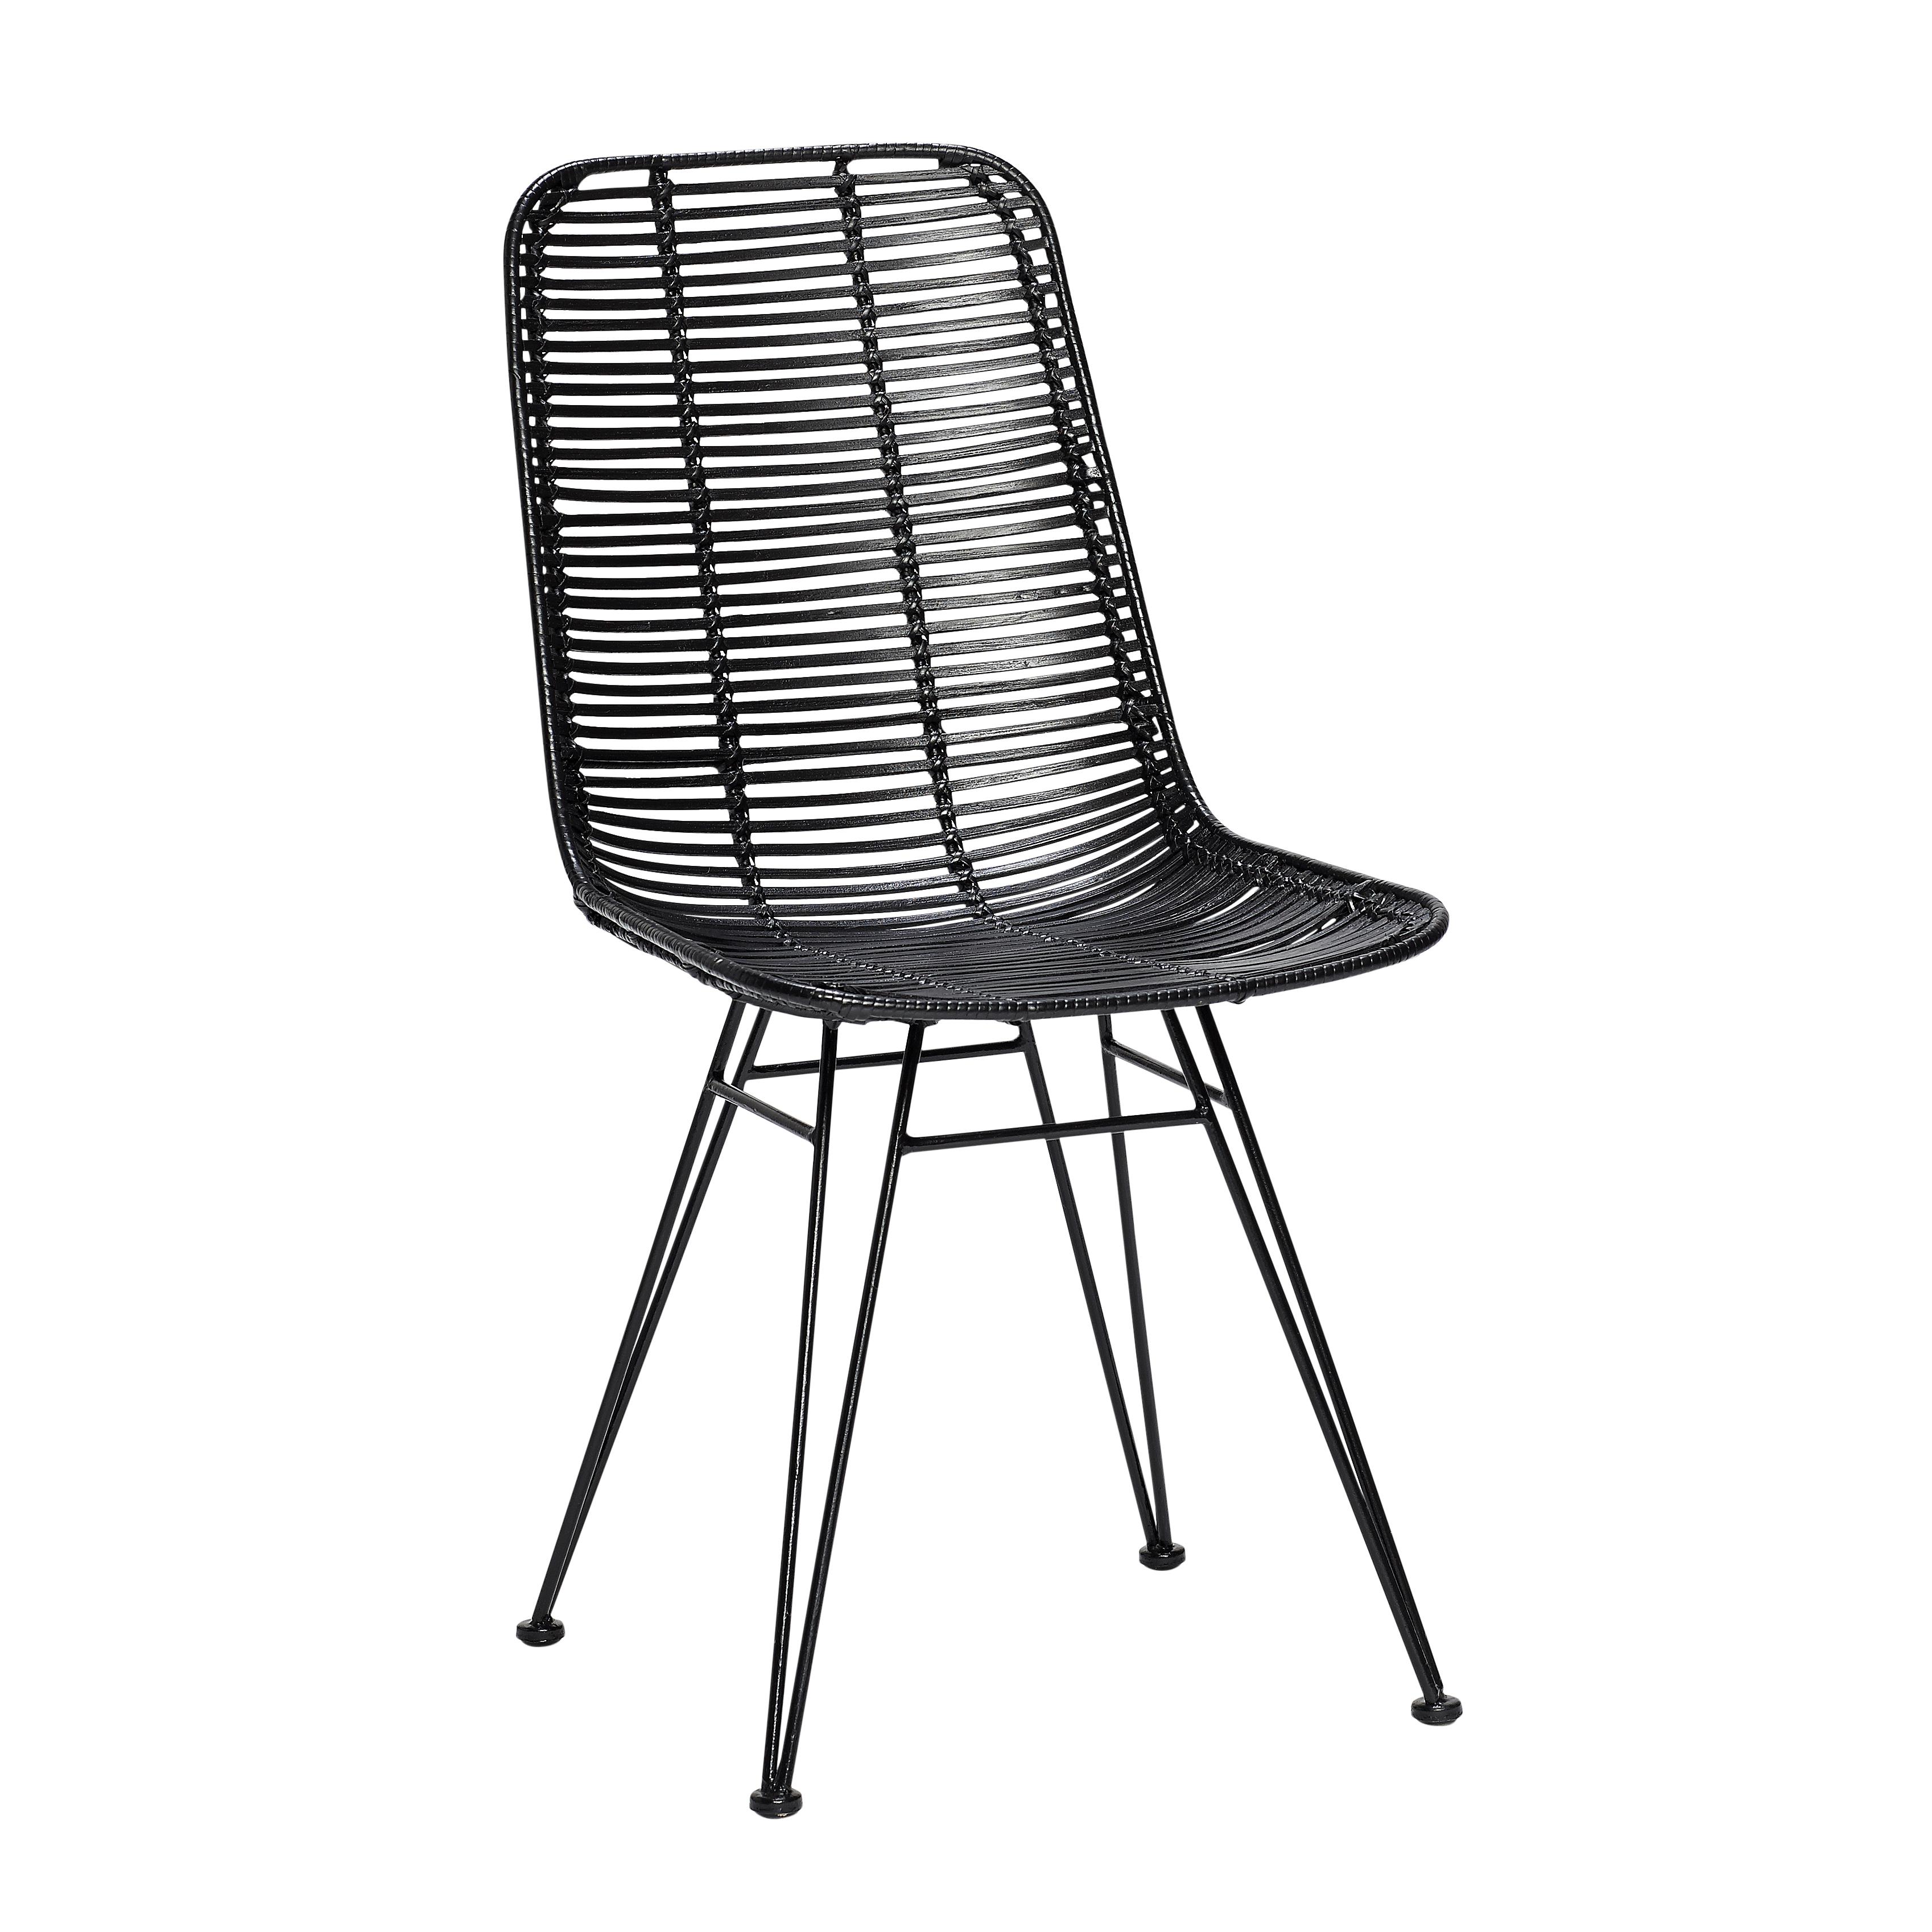 Nett Metallrahmen Stühle Zeitgenössisch - Bilderrahmen Ideen ...